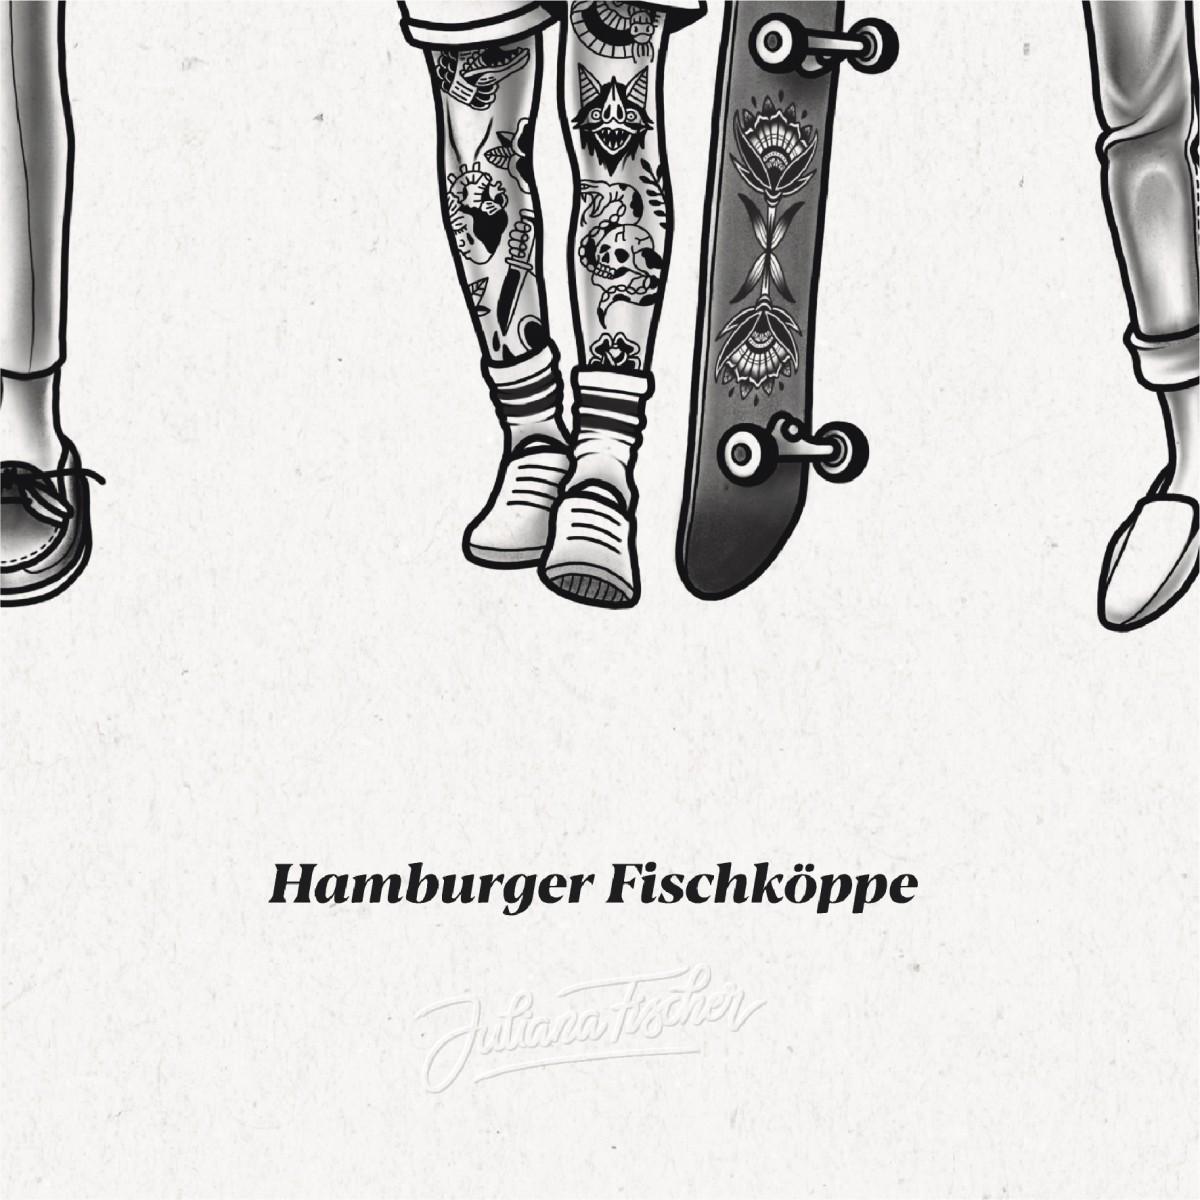 Juliana Fischer - Hamburger Fischköppe - DIE CREW - 50x70cm